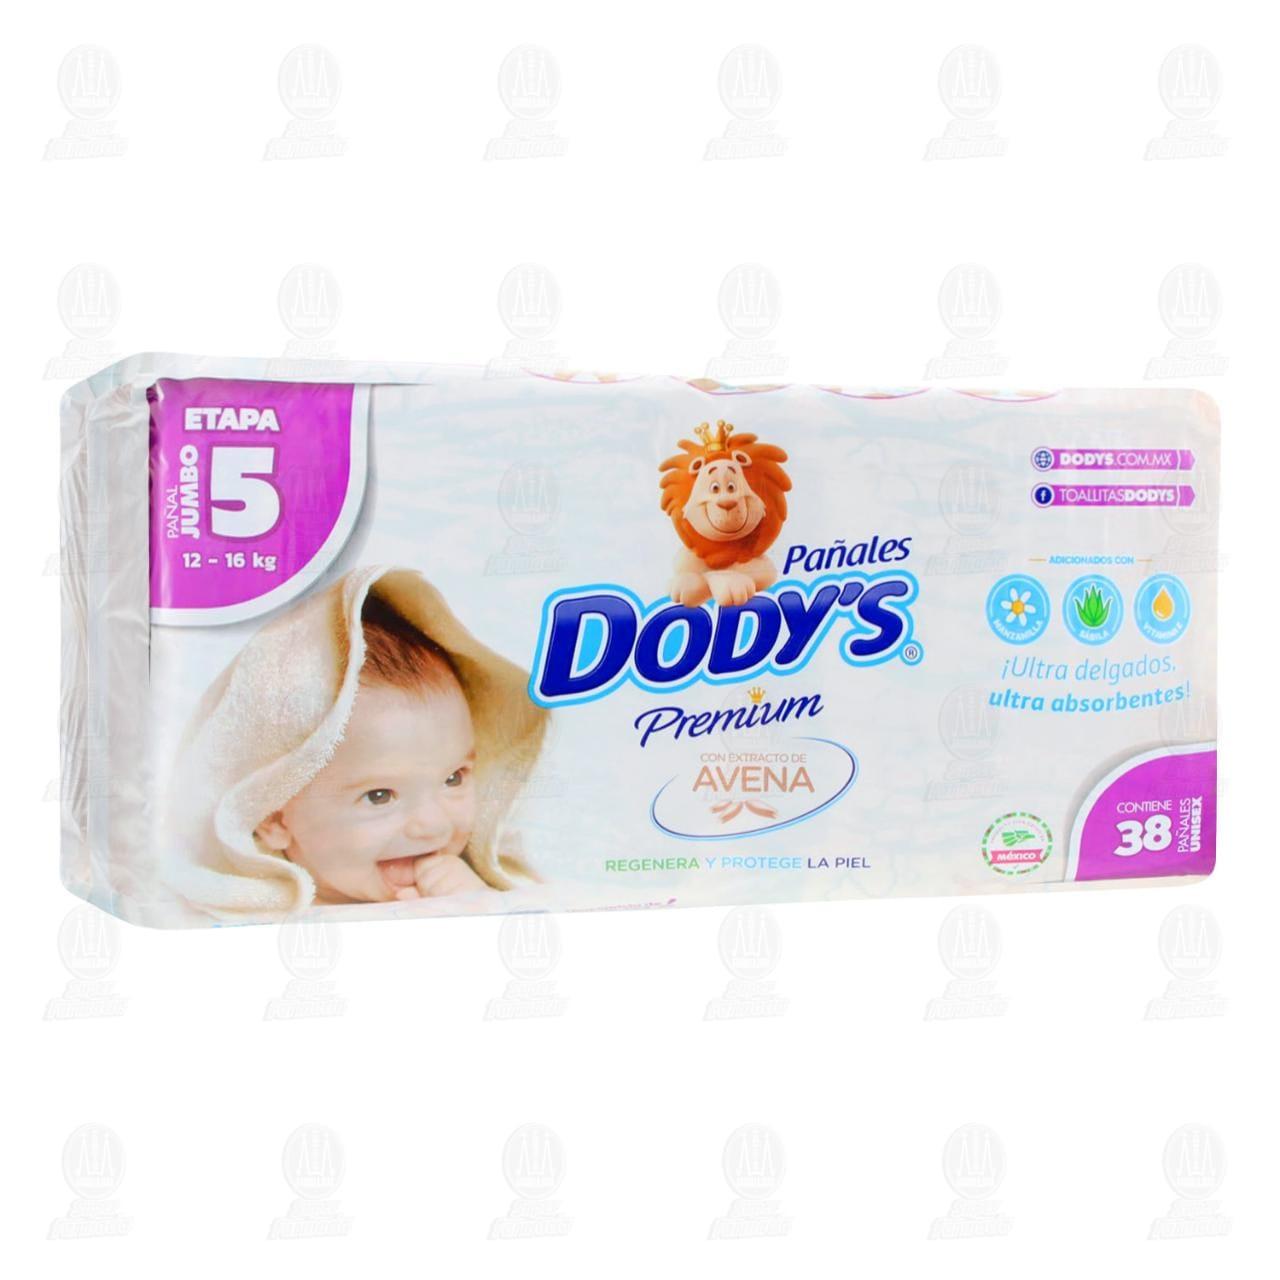 Comprar Pañales para Bebé Dody's Premium Unisex con Avena Etapa 5 Jumbo, 38 pzas. en Farmacias Guadalajara